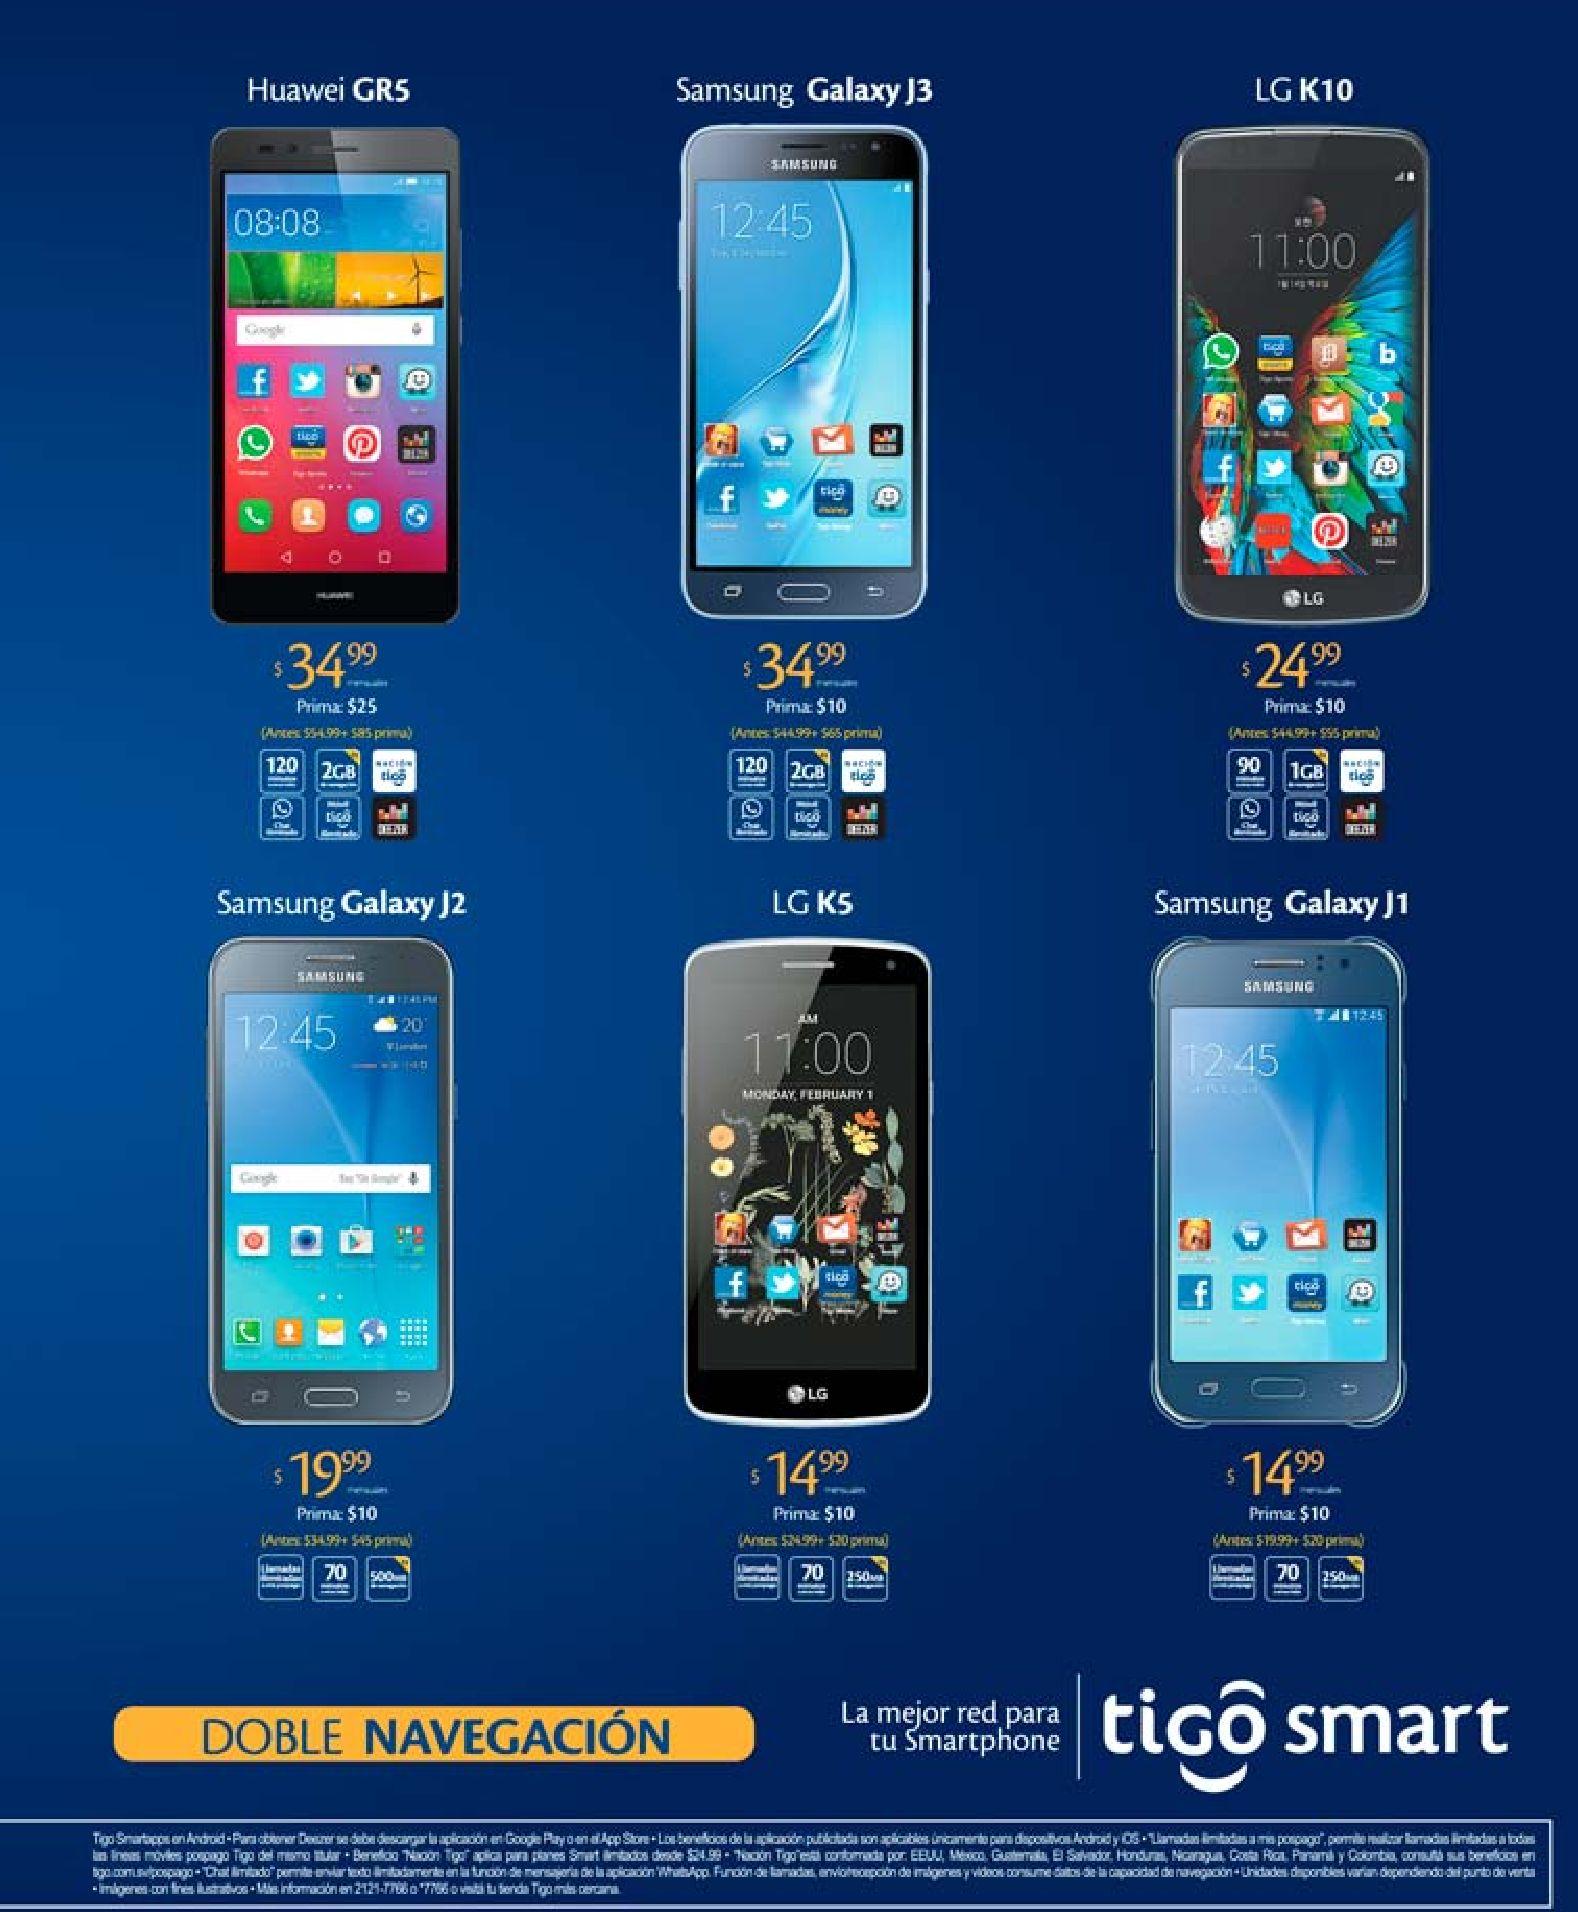 tigo-smart-precios-en-planes-de-telefonos-inteligentes